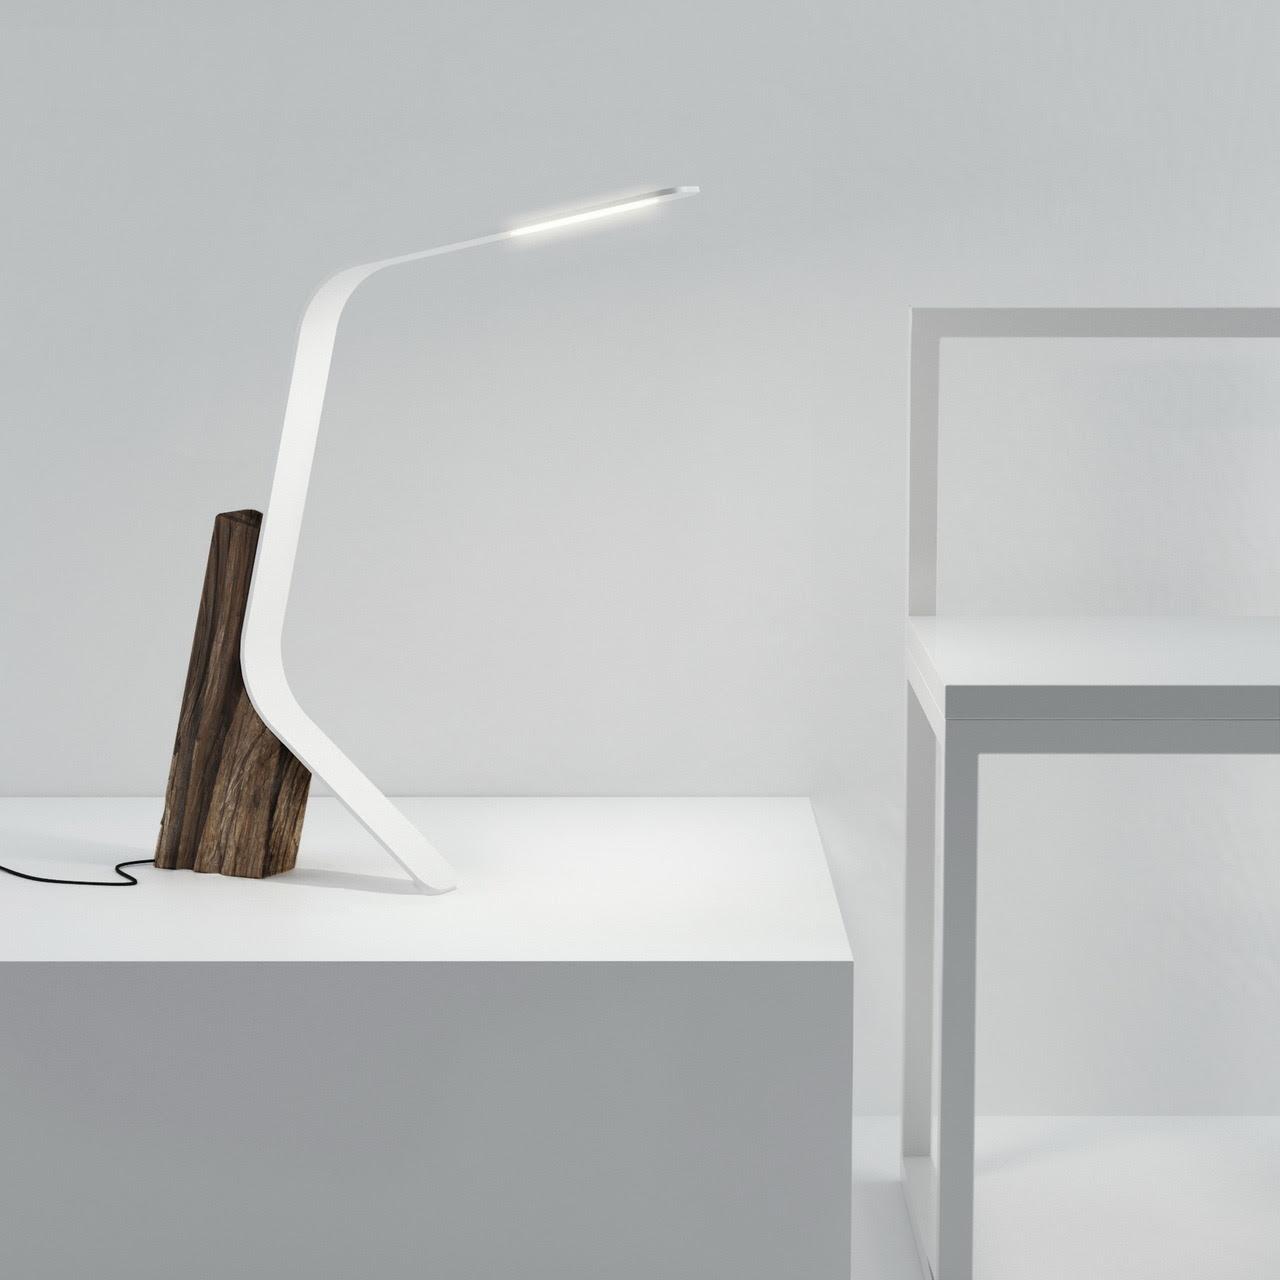 wallpaper zaha hadid. Black Bedroom Furniture Sets. Home Design Ideas